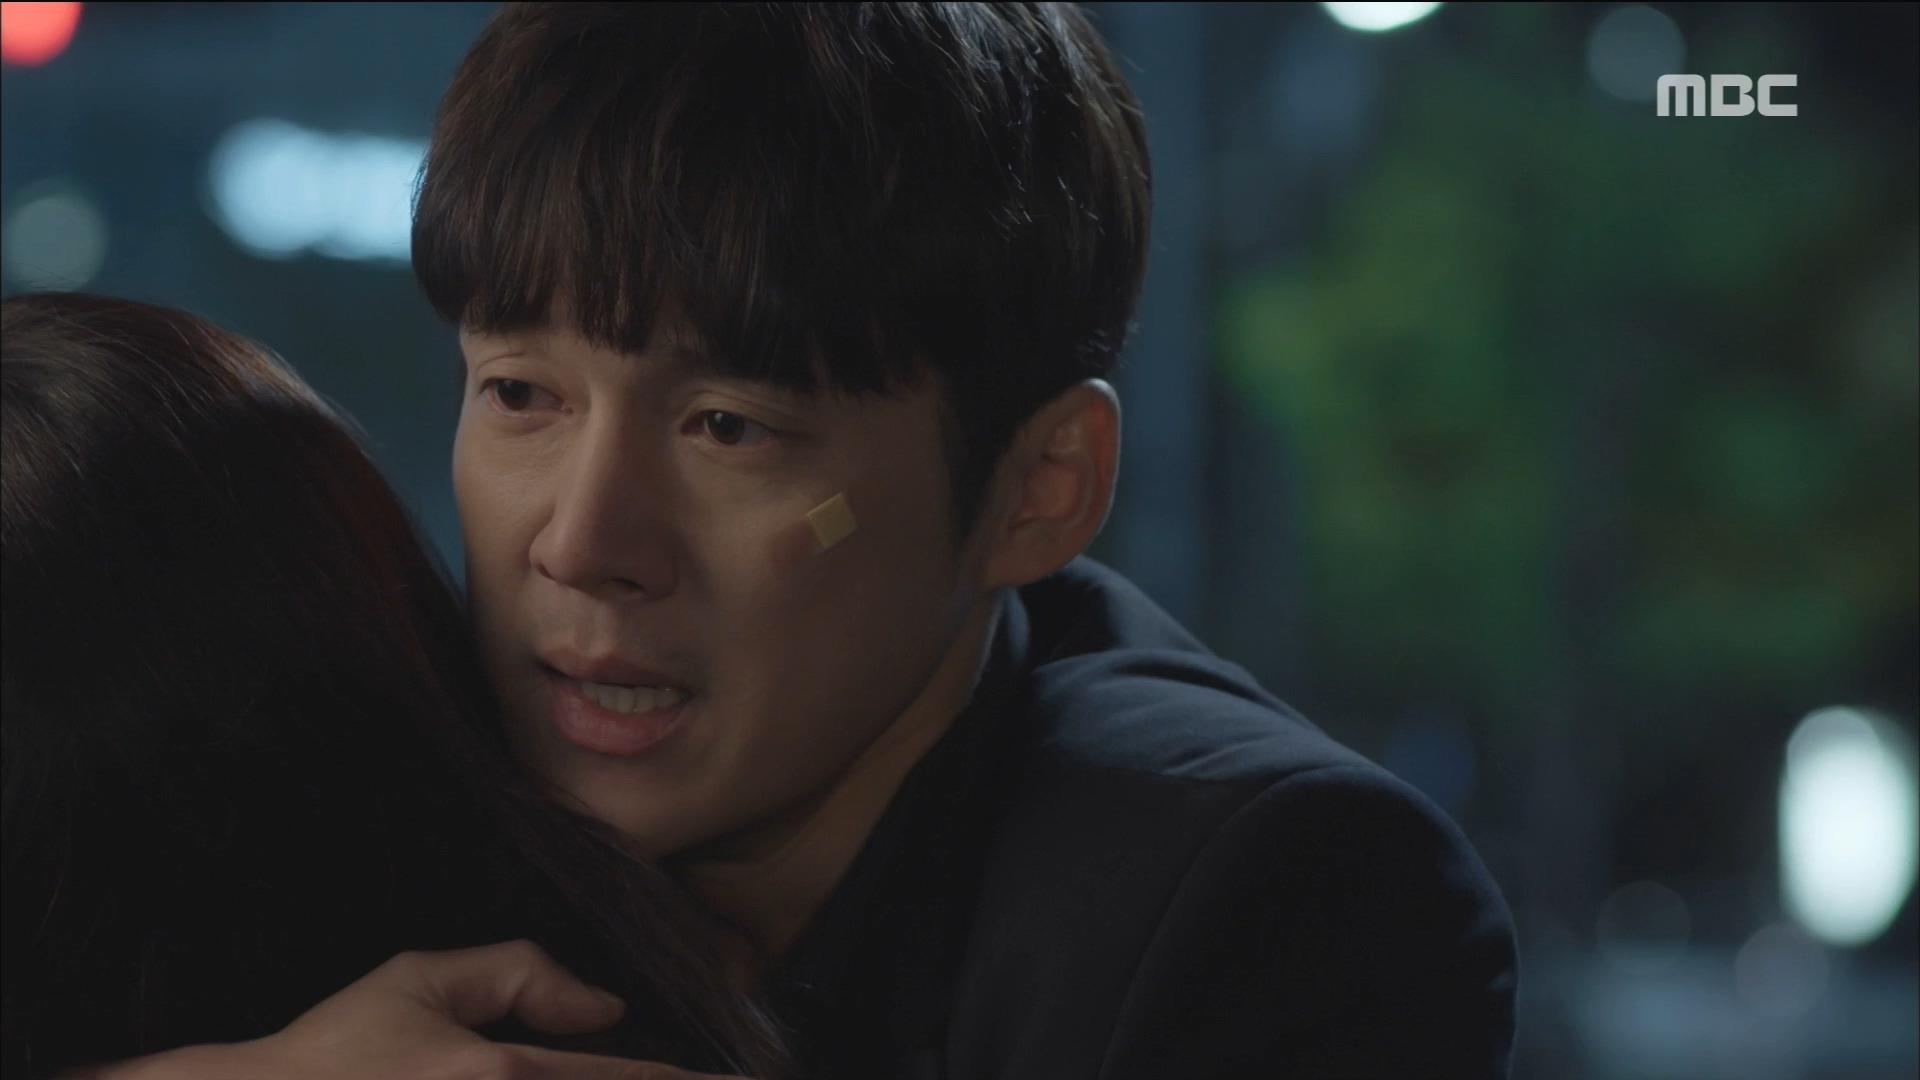 송창의, 이유리에 '걱정되면 그냥 걱정해, 내 앞에선 그래도 돼'